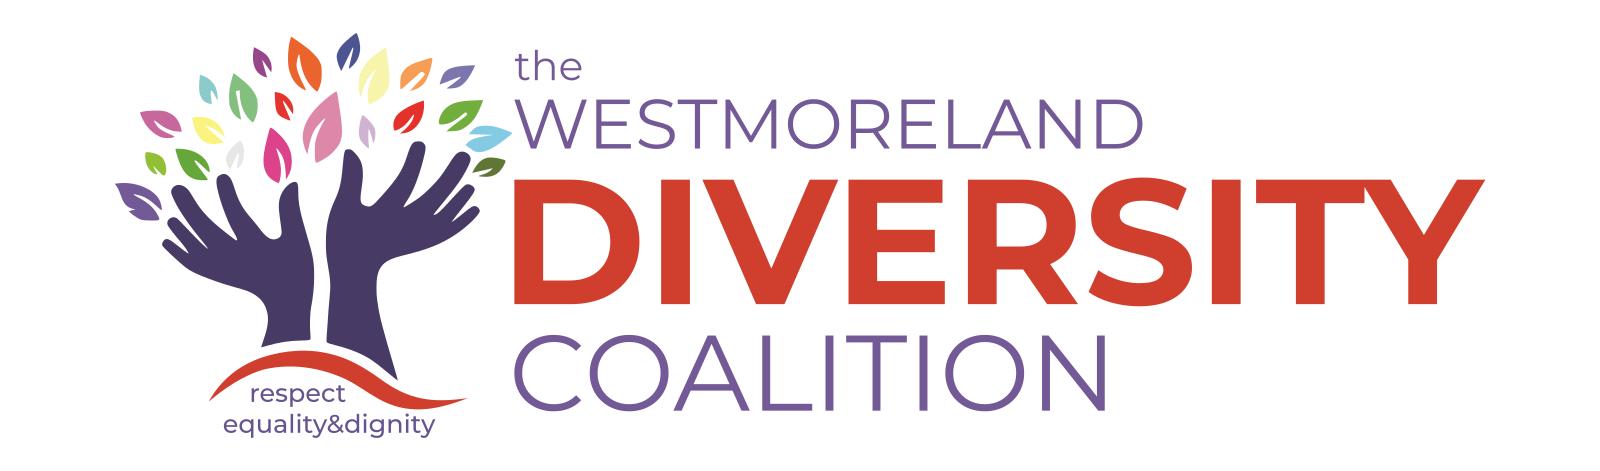 Westmoreland Diversity Coalition Logo